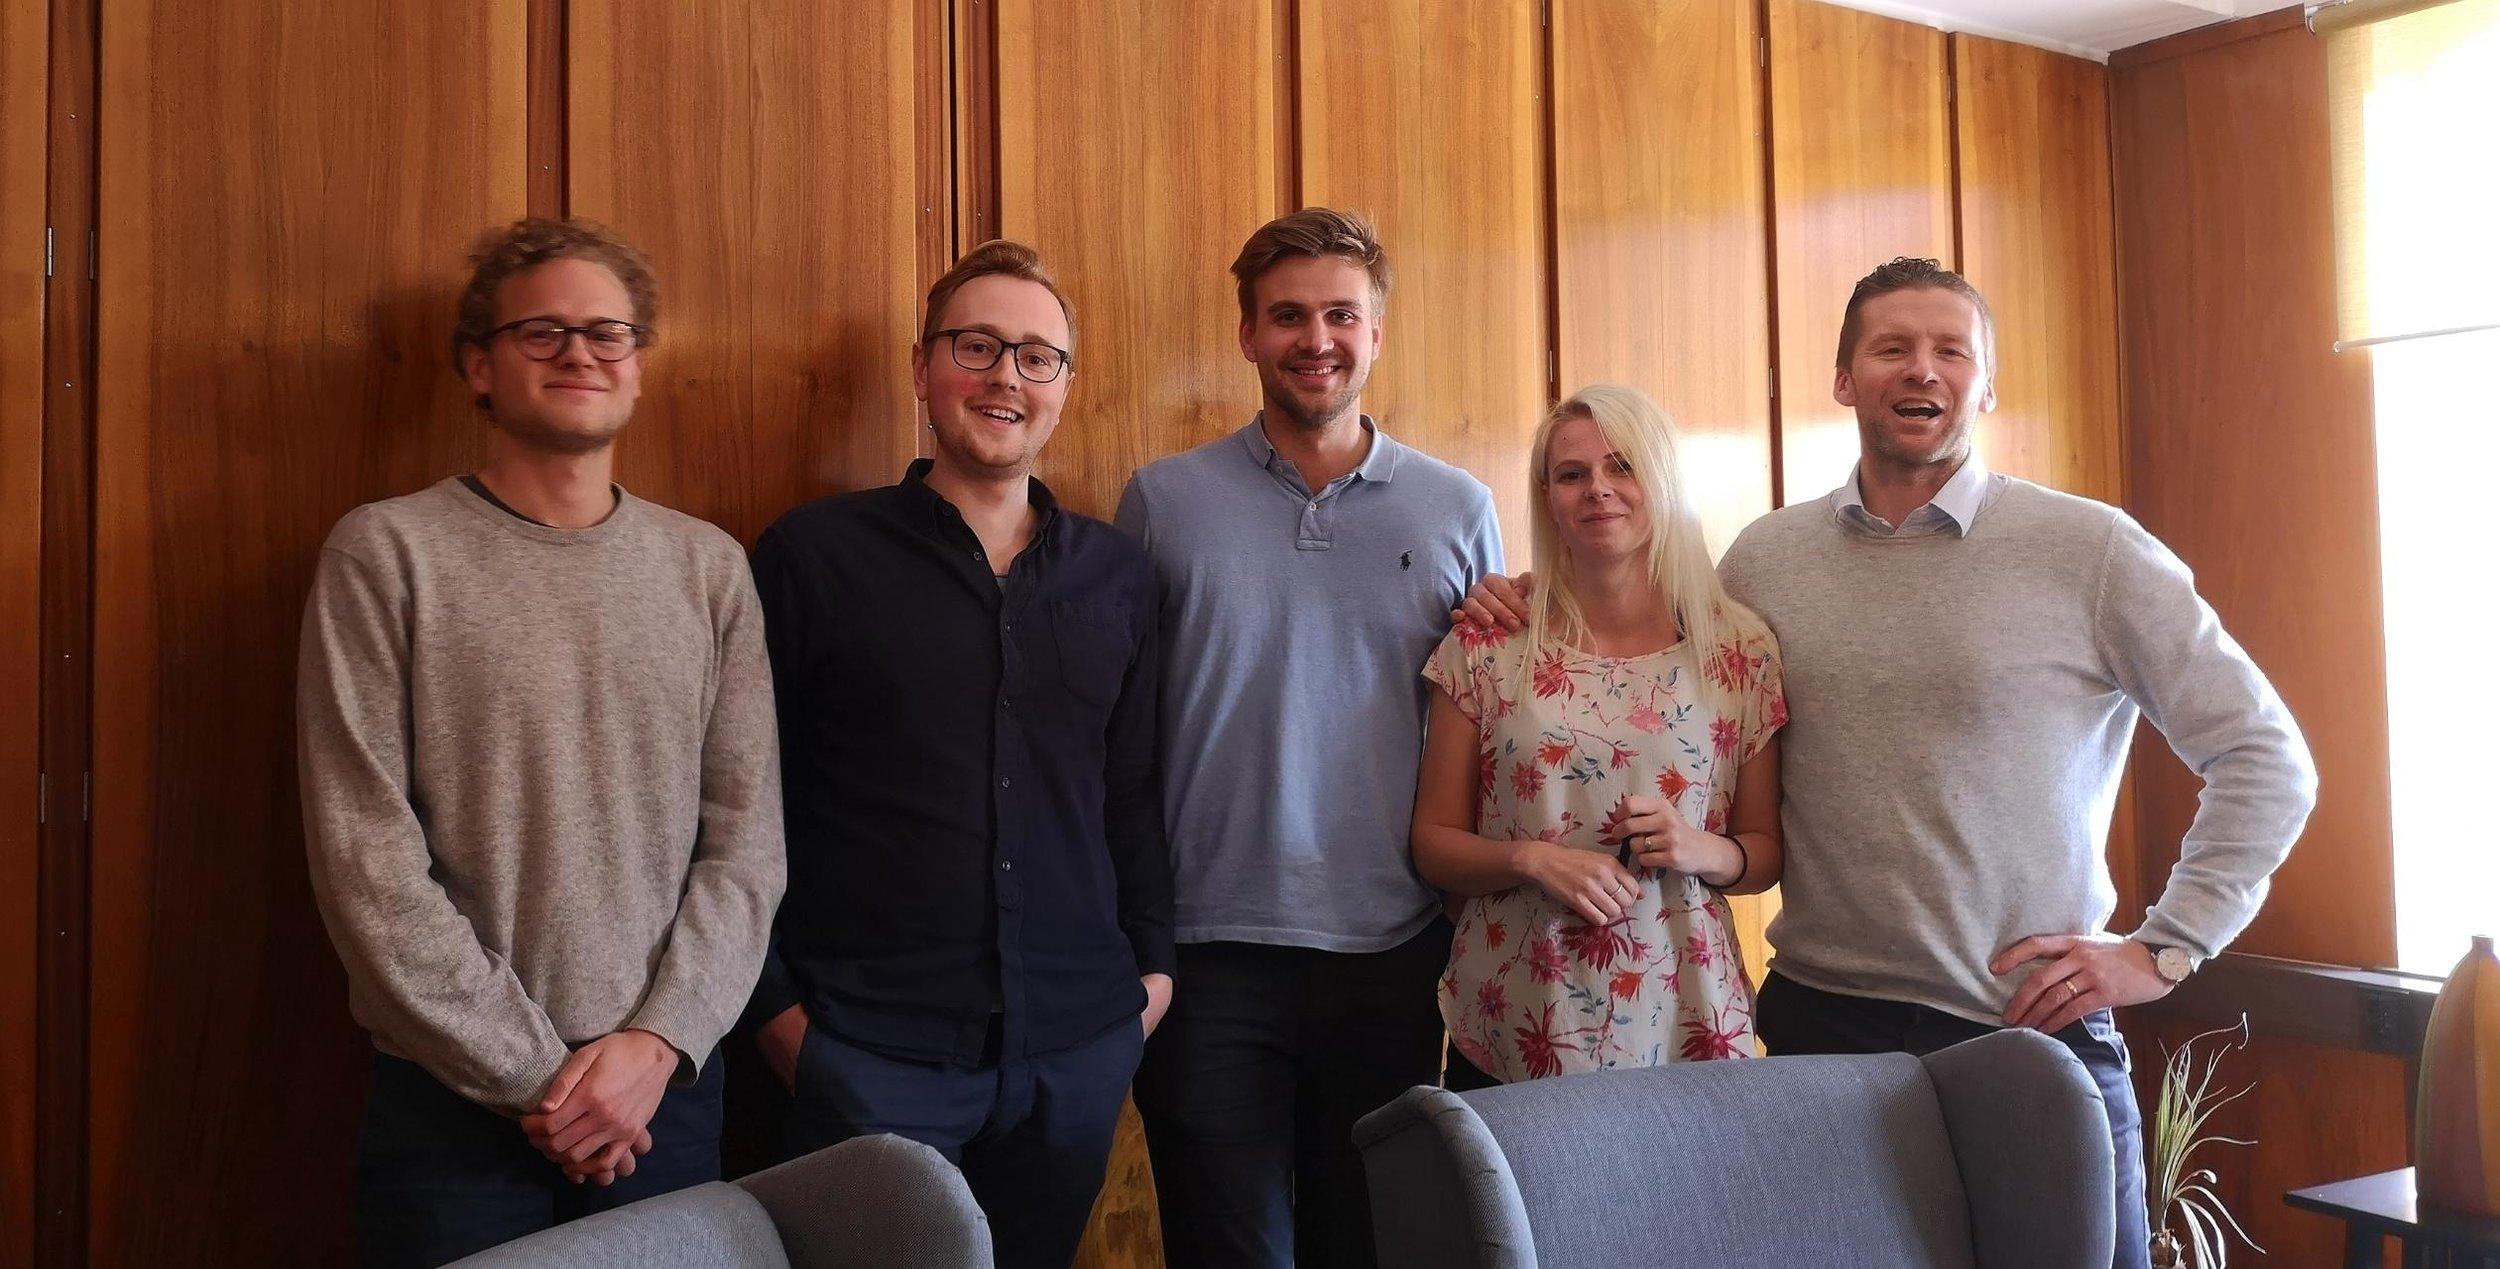 Filip Vitez, Erik Norlander och Hampus Rosvall ute på leverans hos Sölvesborgshem